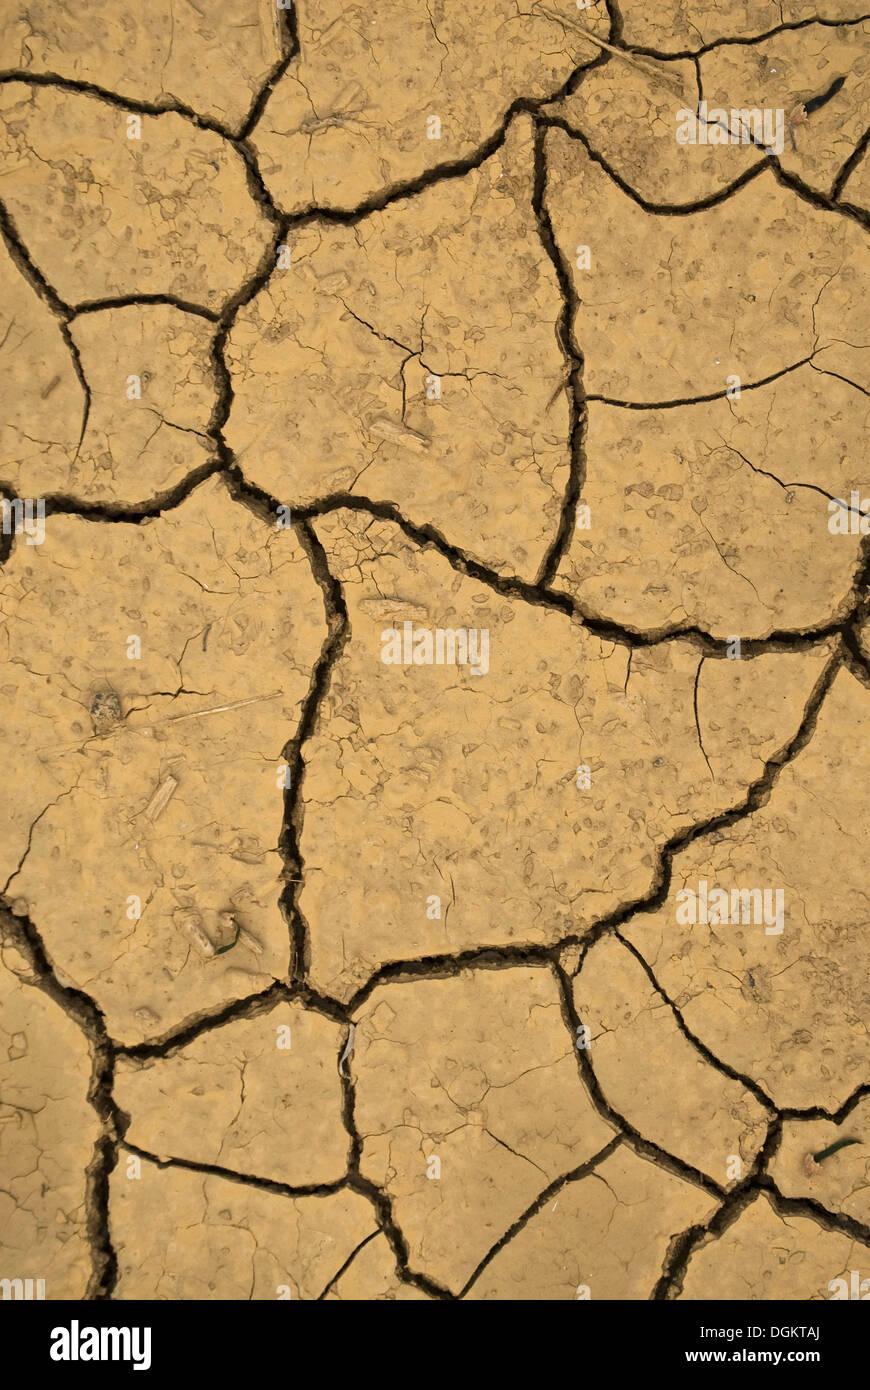 Dry, cracked mud, symbolic image for climate change, Linz am Rhein, Neuwied, Rhineland-Palatinate - Stock Image